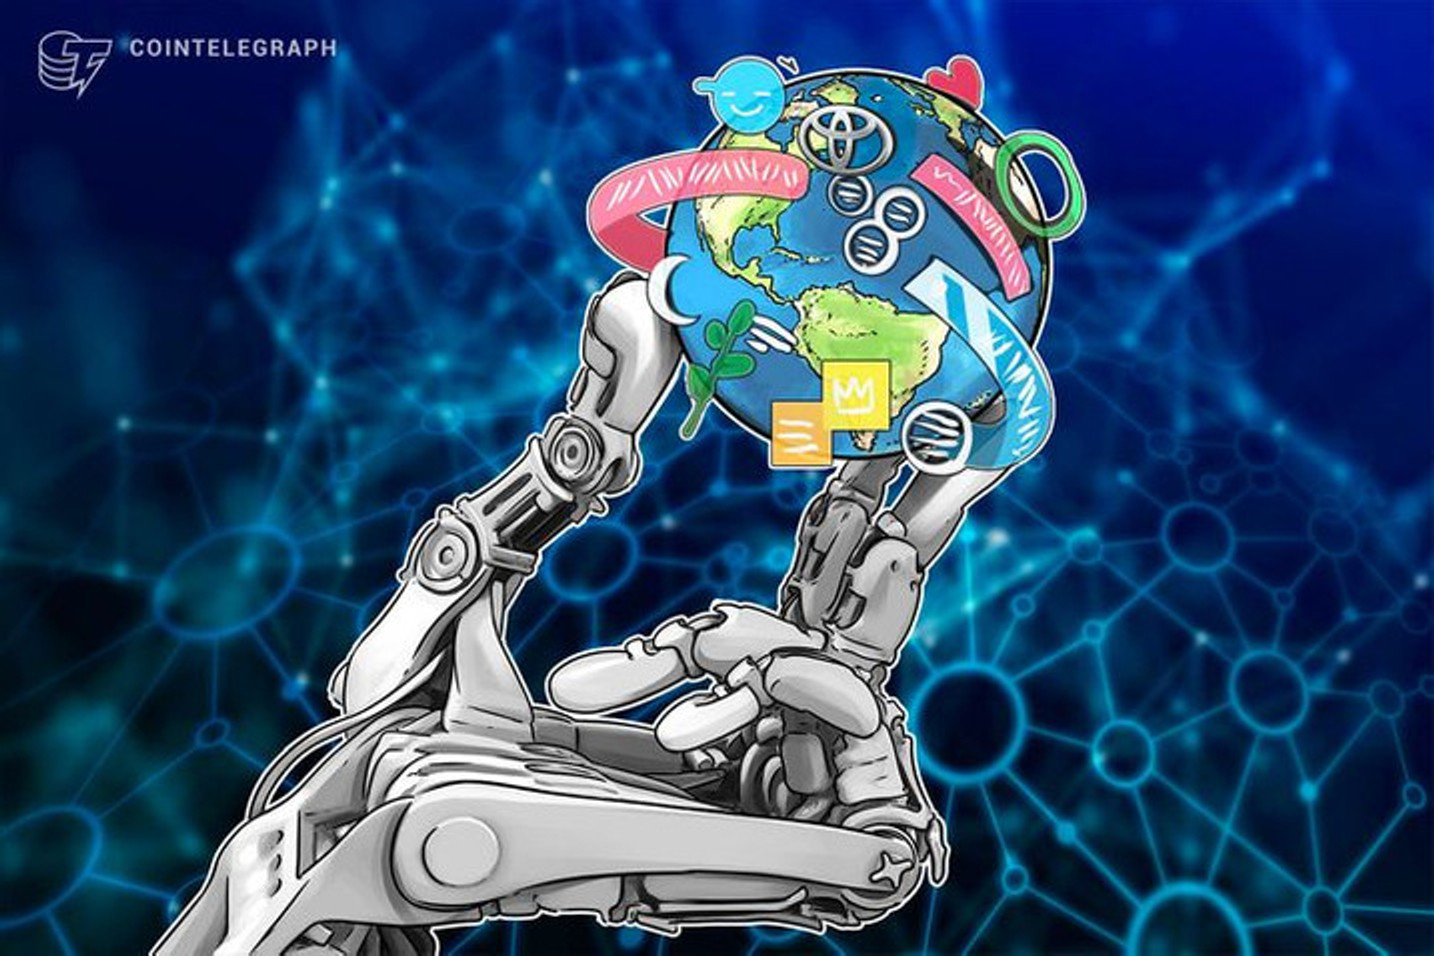 Brasil 'antecipa' o futuro e Governo Federal inaugura Centro de IoT em Sorocaba (SP)